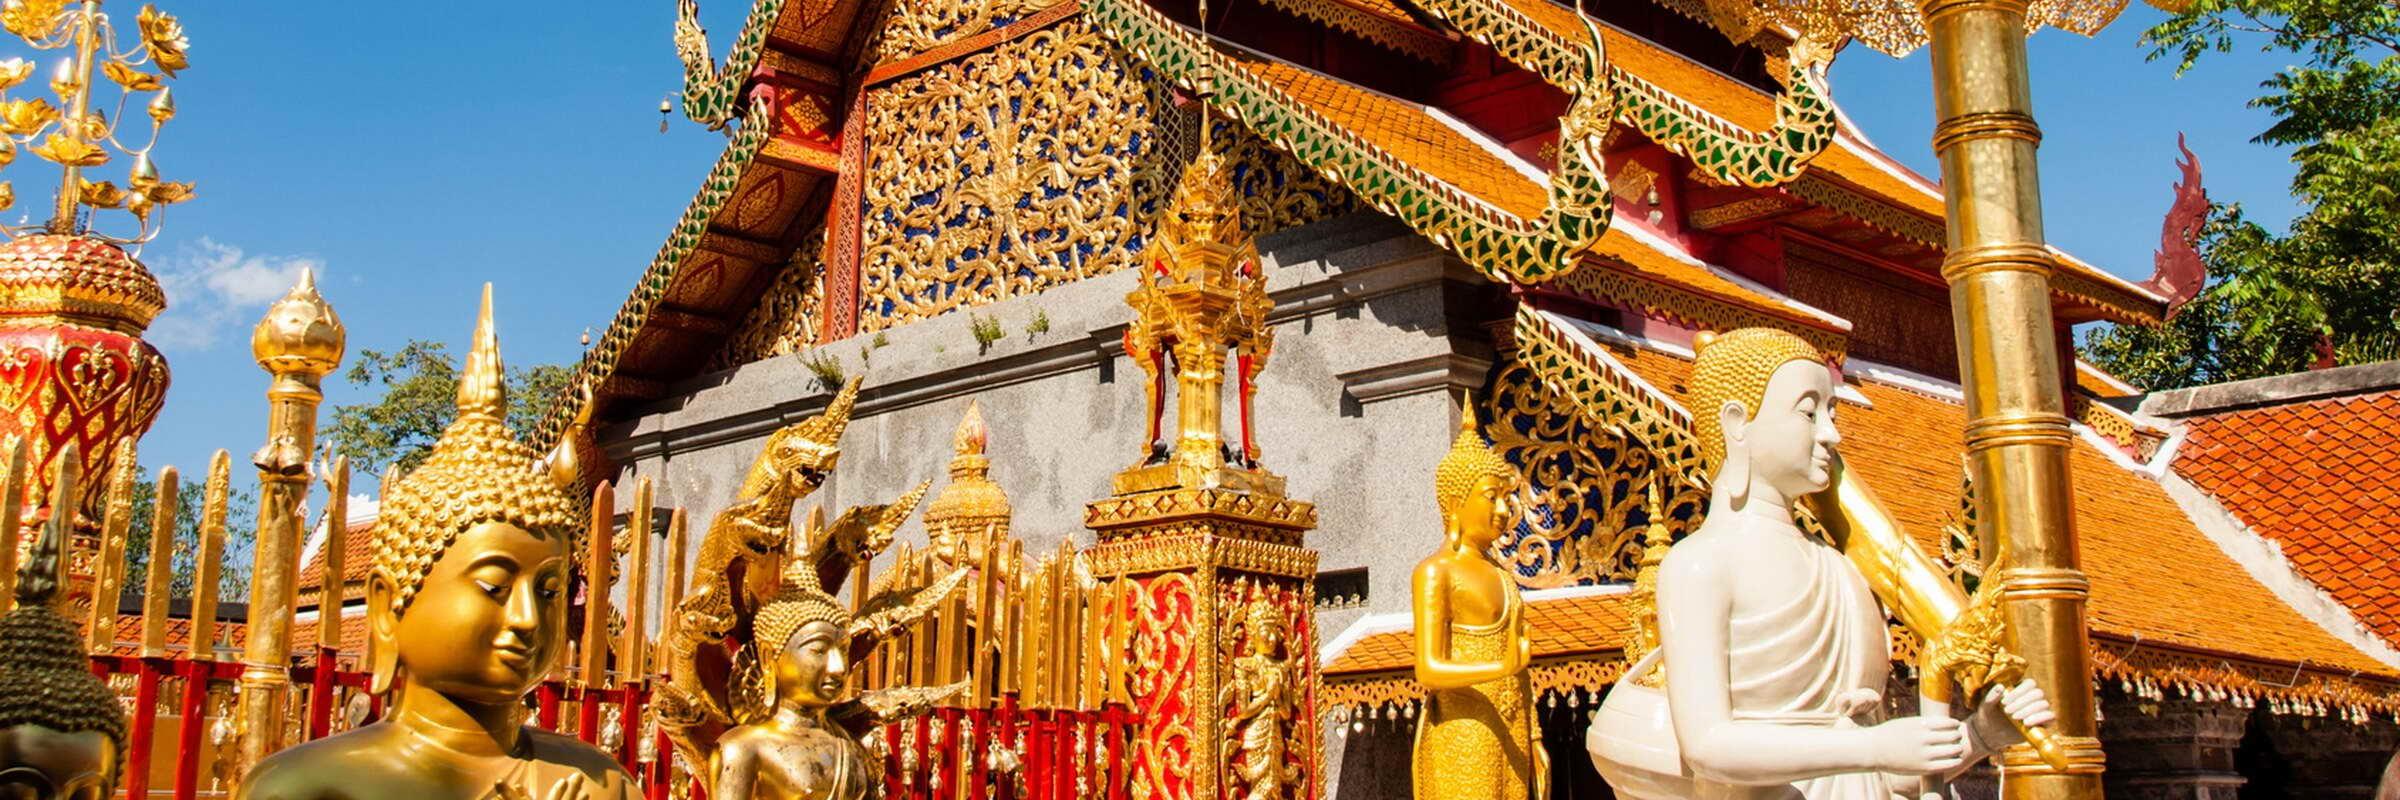 Der Wat Phra That Doi Suthep ist das Wahrzeichen von Chiang Mai und etwa 15 km westlich des Stadtzentrums gelegen.